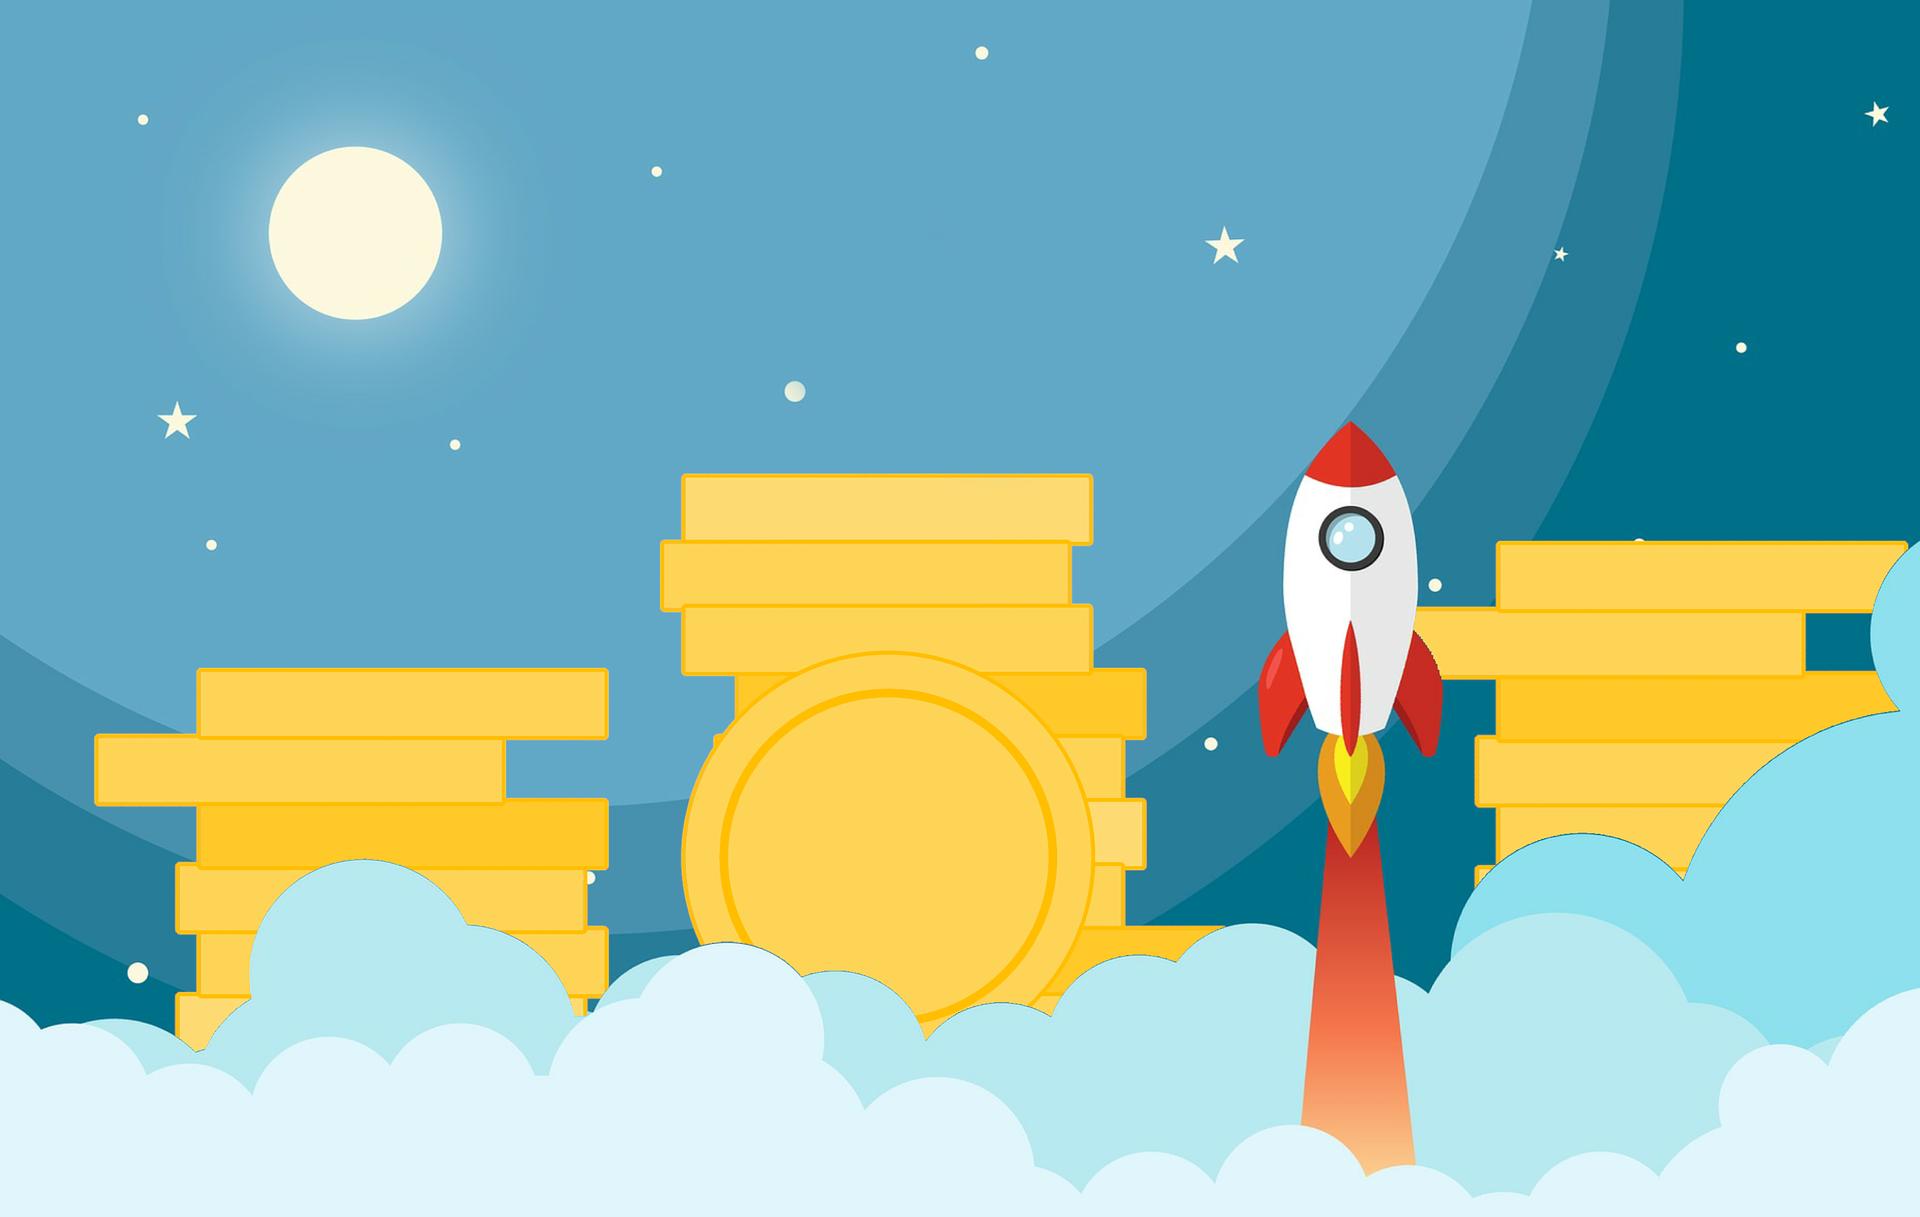 Eine Rakete startet vor einem Stapel Goldmünzen durch die Wolken in den Himmel. Symbolbild für die Startup-Förderung